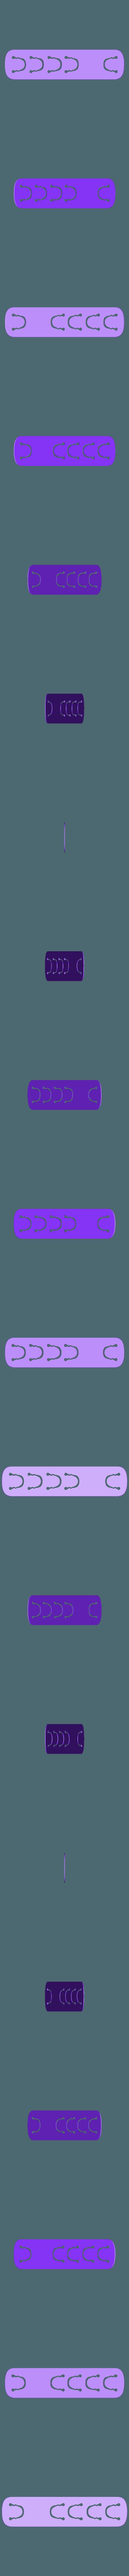 mask125mm.stl Télécharger fichier STL gratuit Porteur de masque ajustable (Remix) • Design à imprimer en 3D, mingshiuan